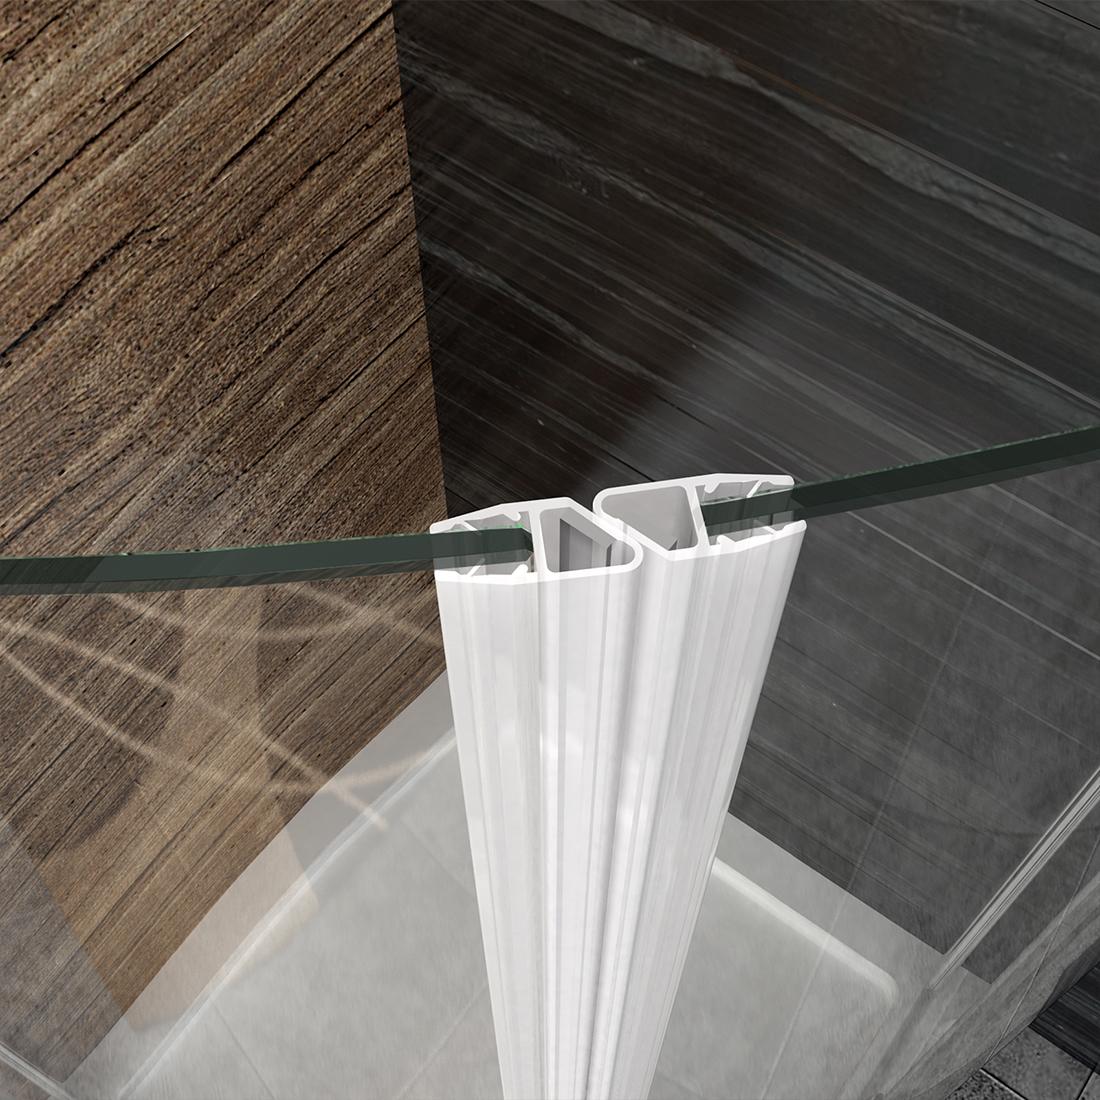 duschkabine runddusche eckeinstieg duschabtrennung esg glas viertelkreis dusche ebay. Black Bedroom Furniture Sets. Home Design Ideas